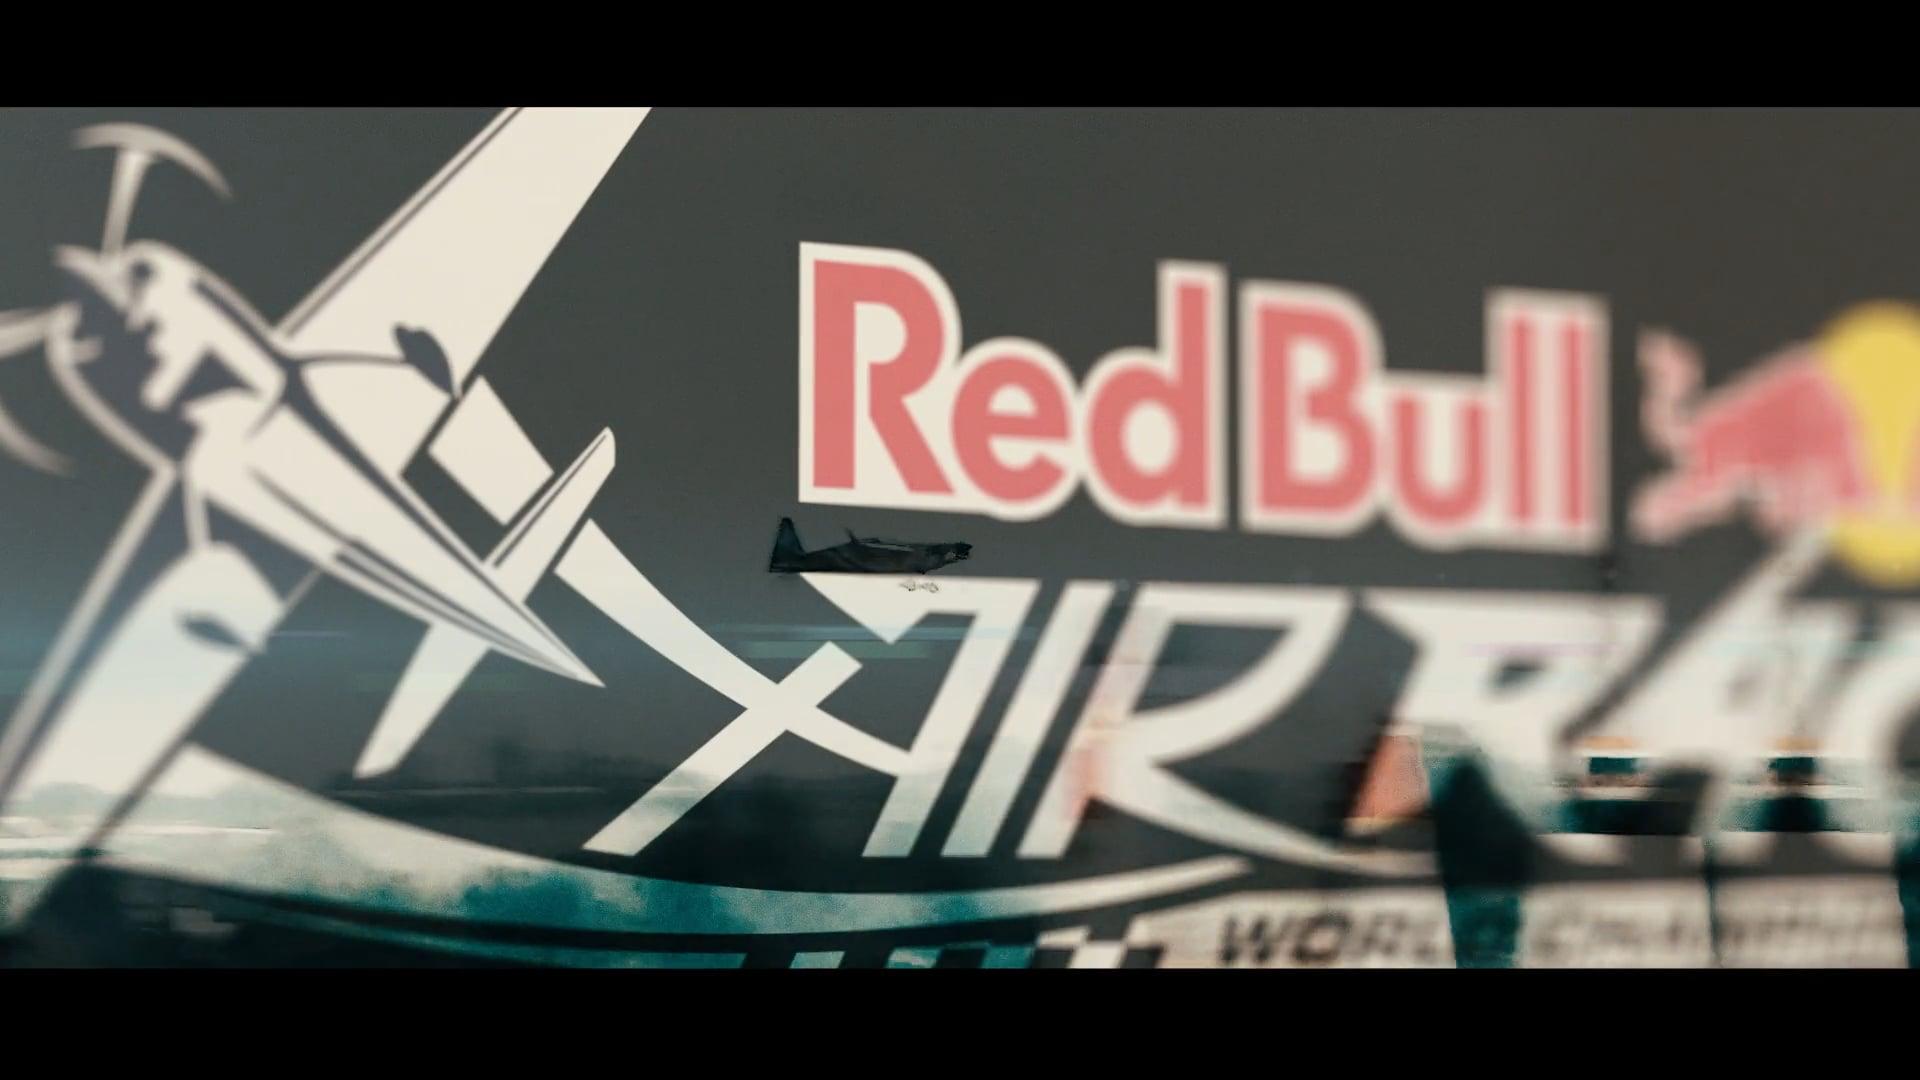 Red Bull Trailer_Long Format